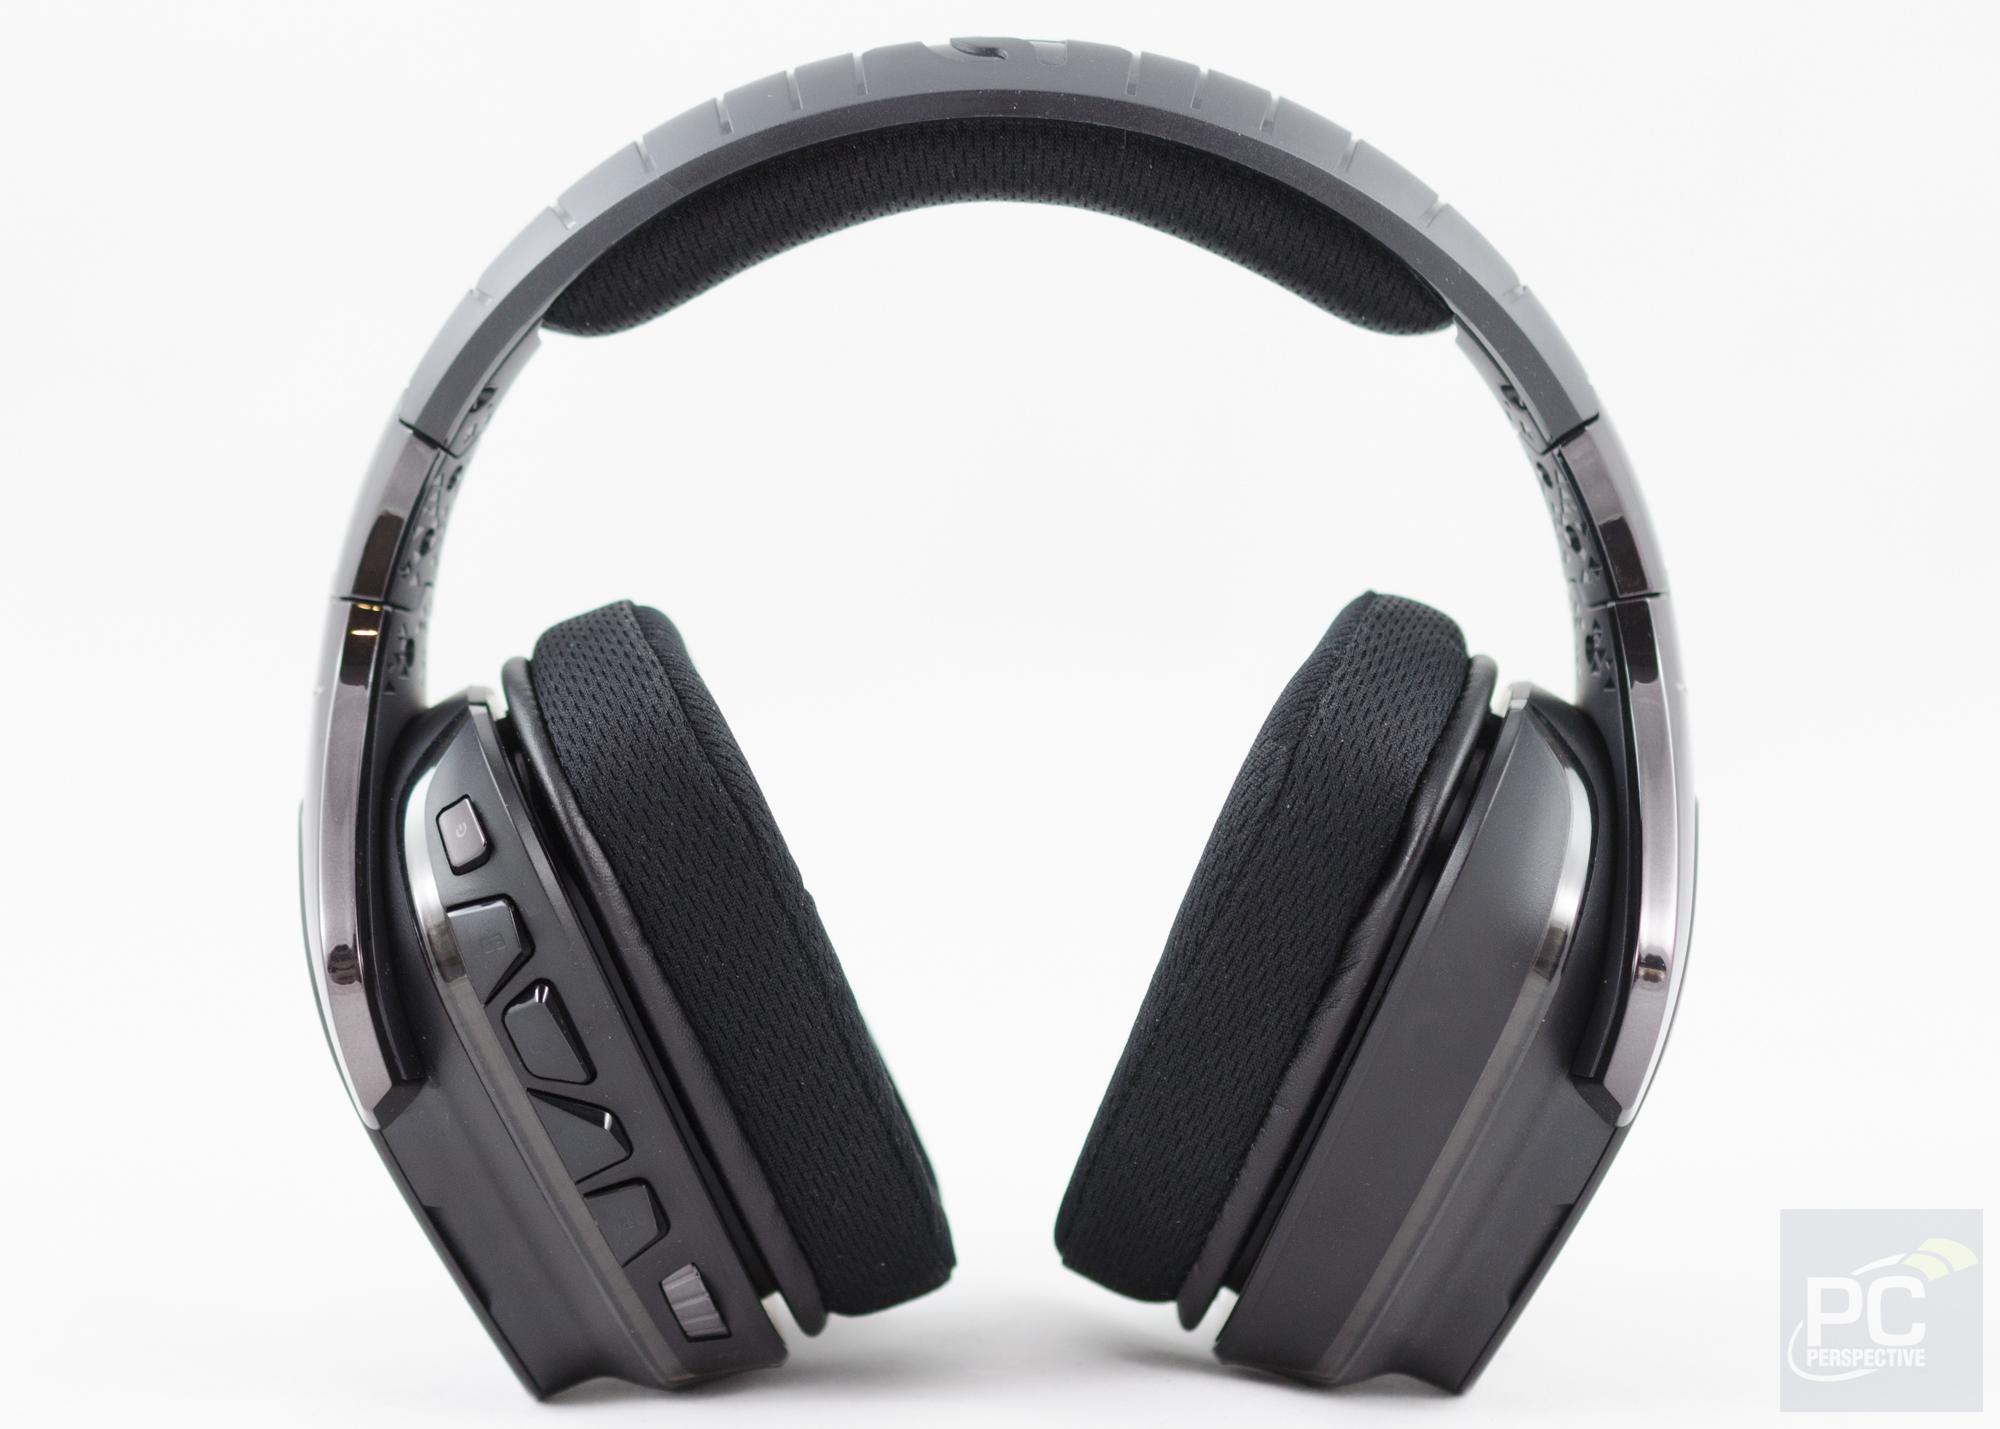 Logitech Artemis Spectrum G933/G633 Headset Review - PC